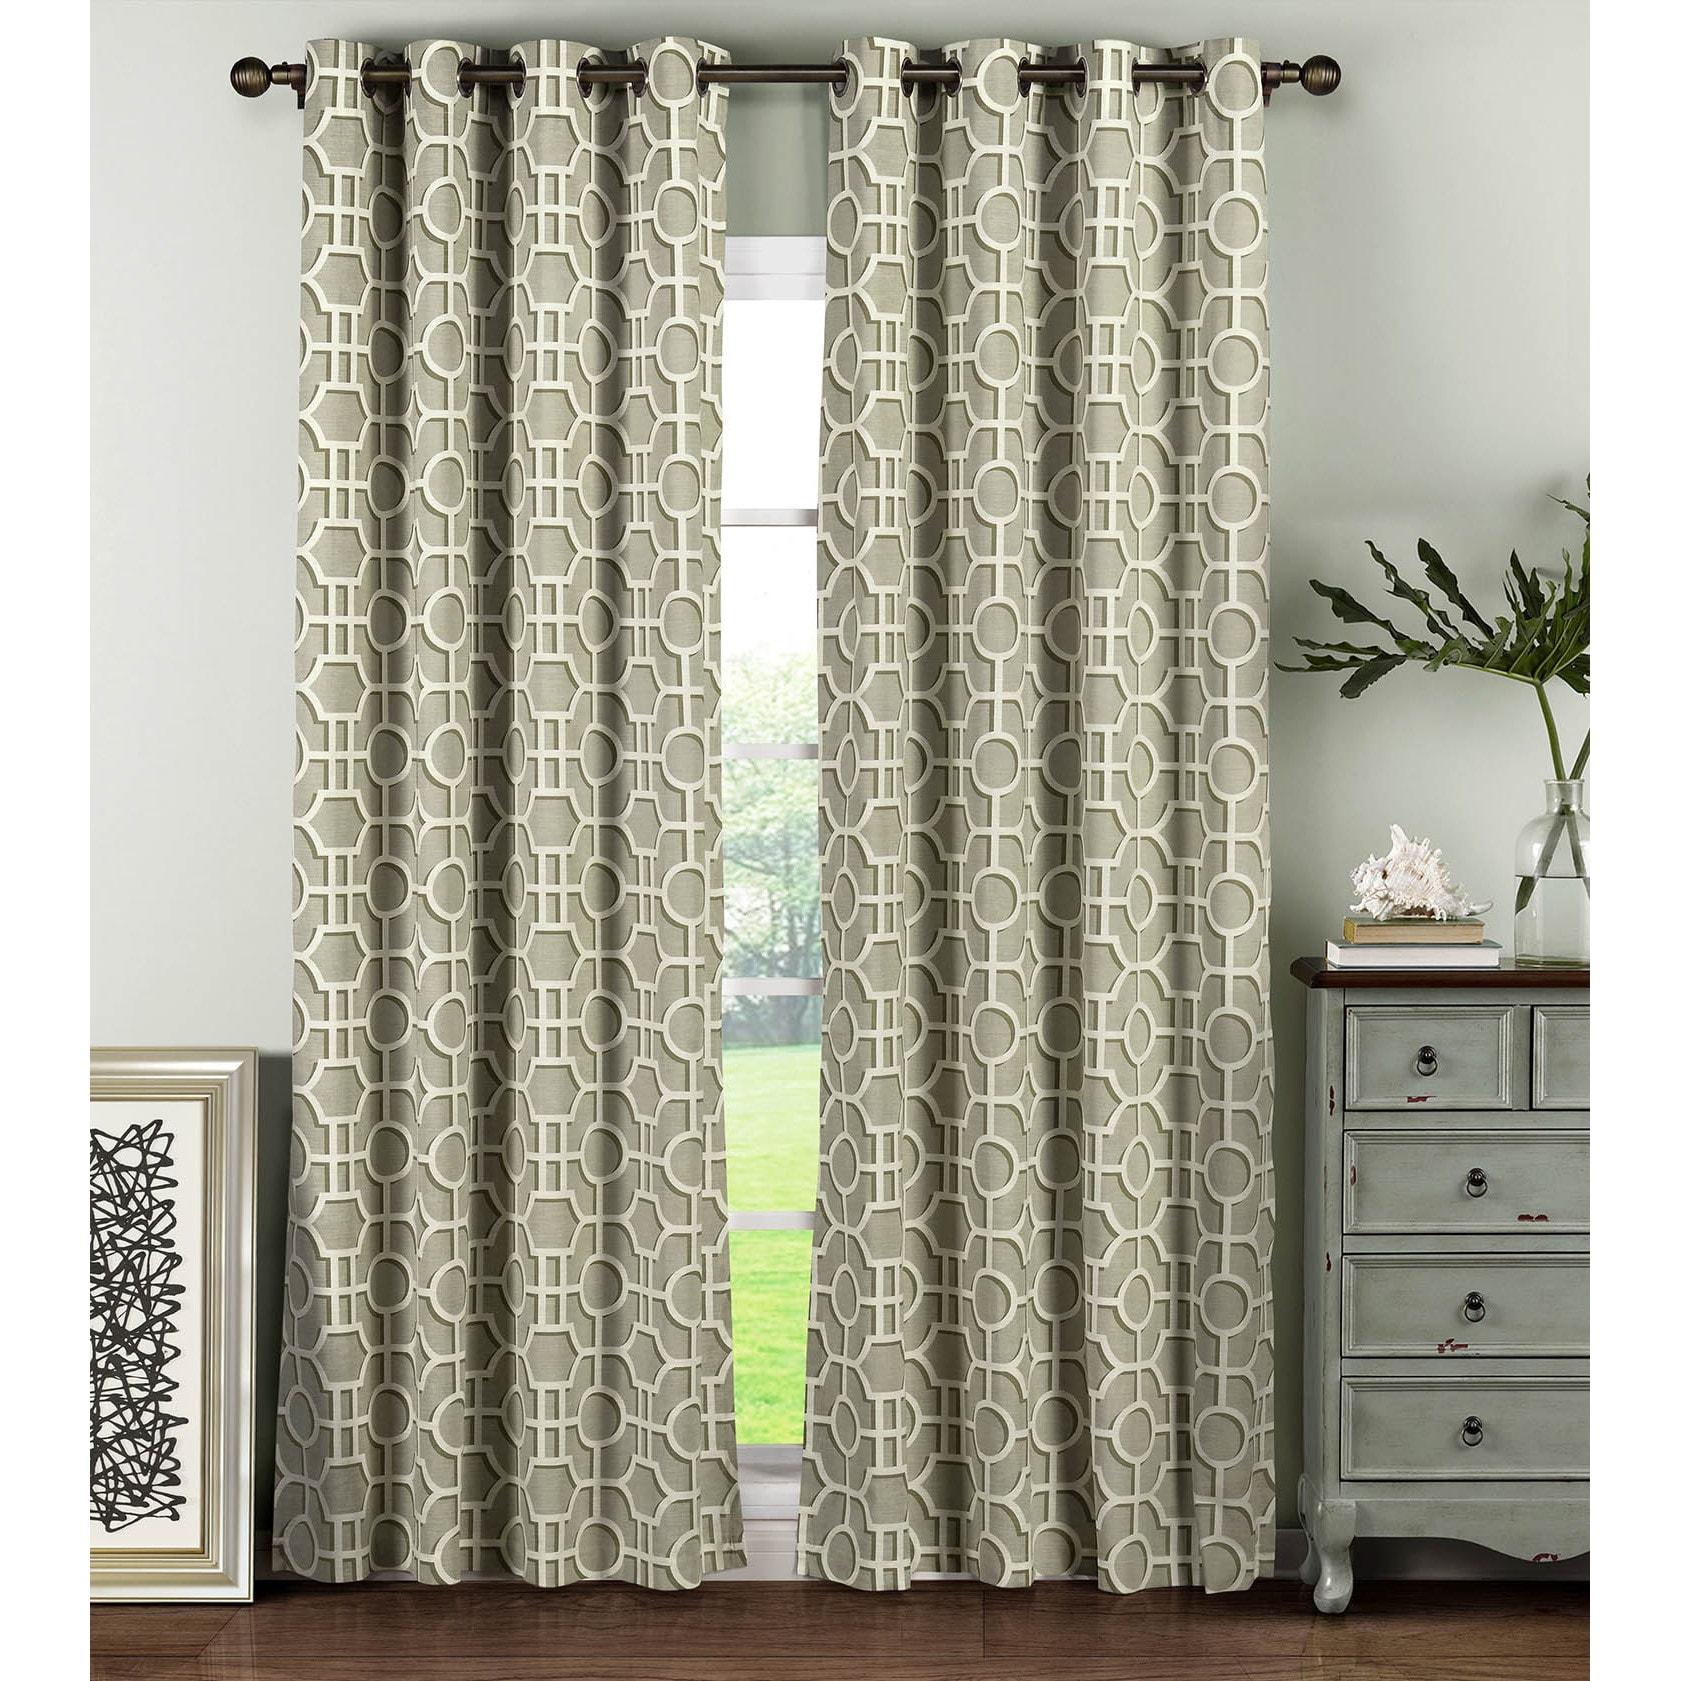 Details About Window Elements Lenox Cotton 96 Inch Grommet Curtain Panel Pair